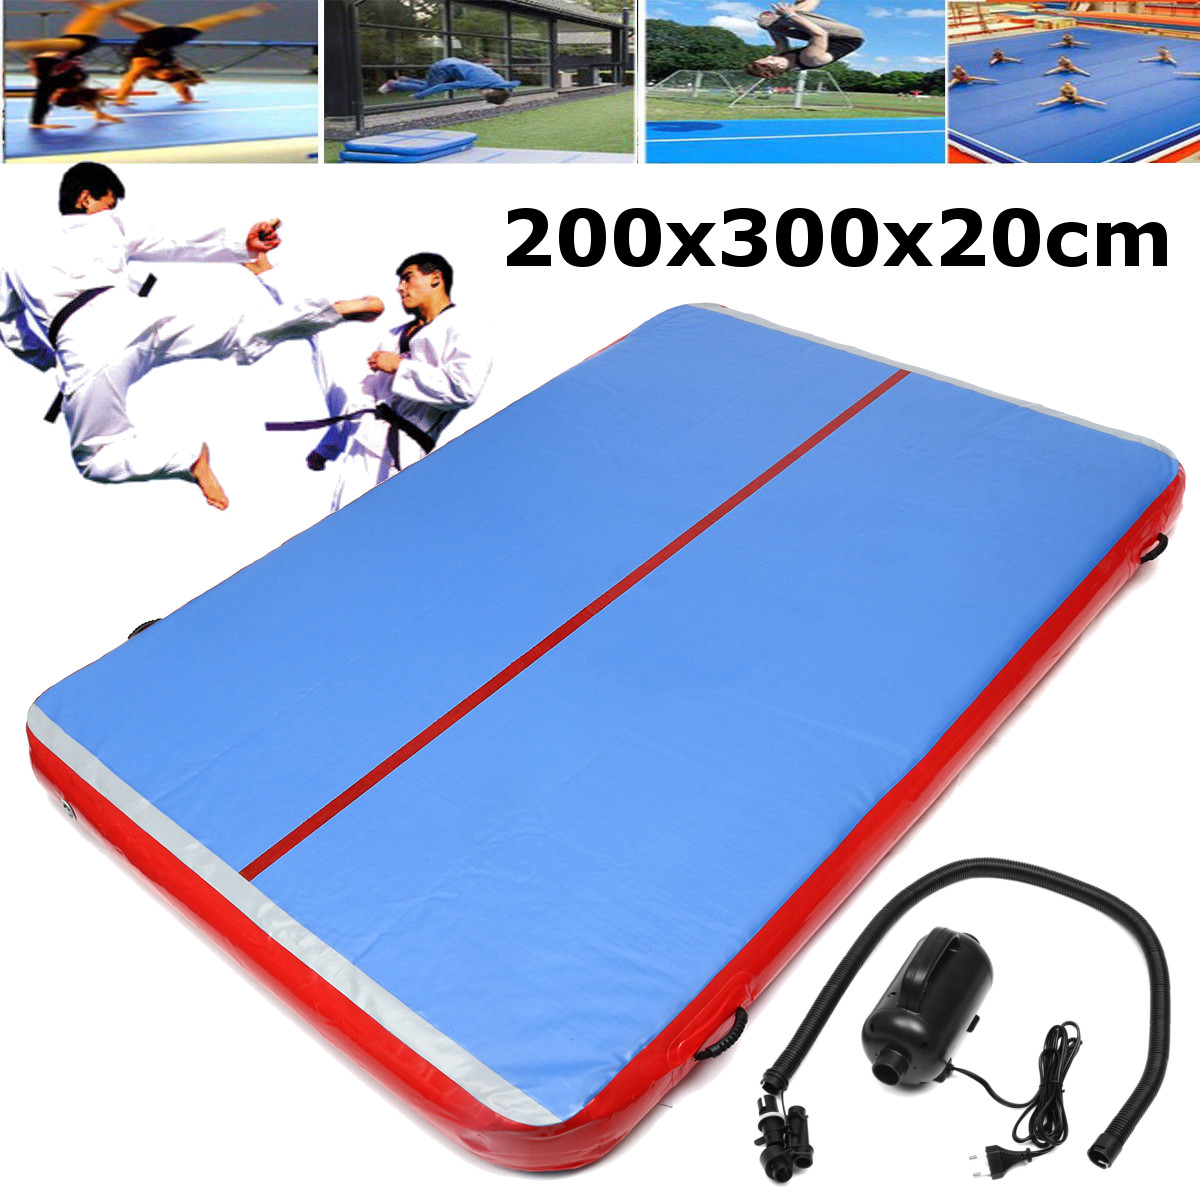 200x300x20 cm matelas de gymnastique gonflable Gym dégringolade Trampoline piste d'air sol culbutant tapis de piste d'air pour adultes ou enfants